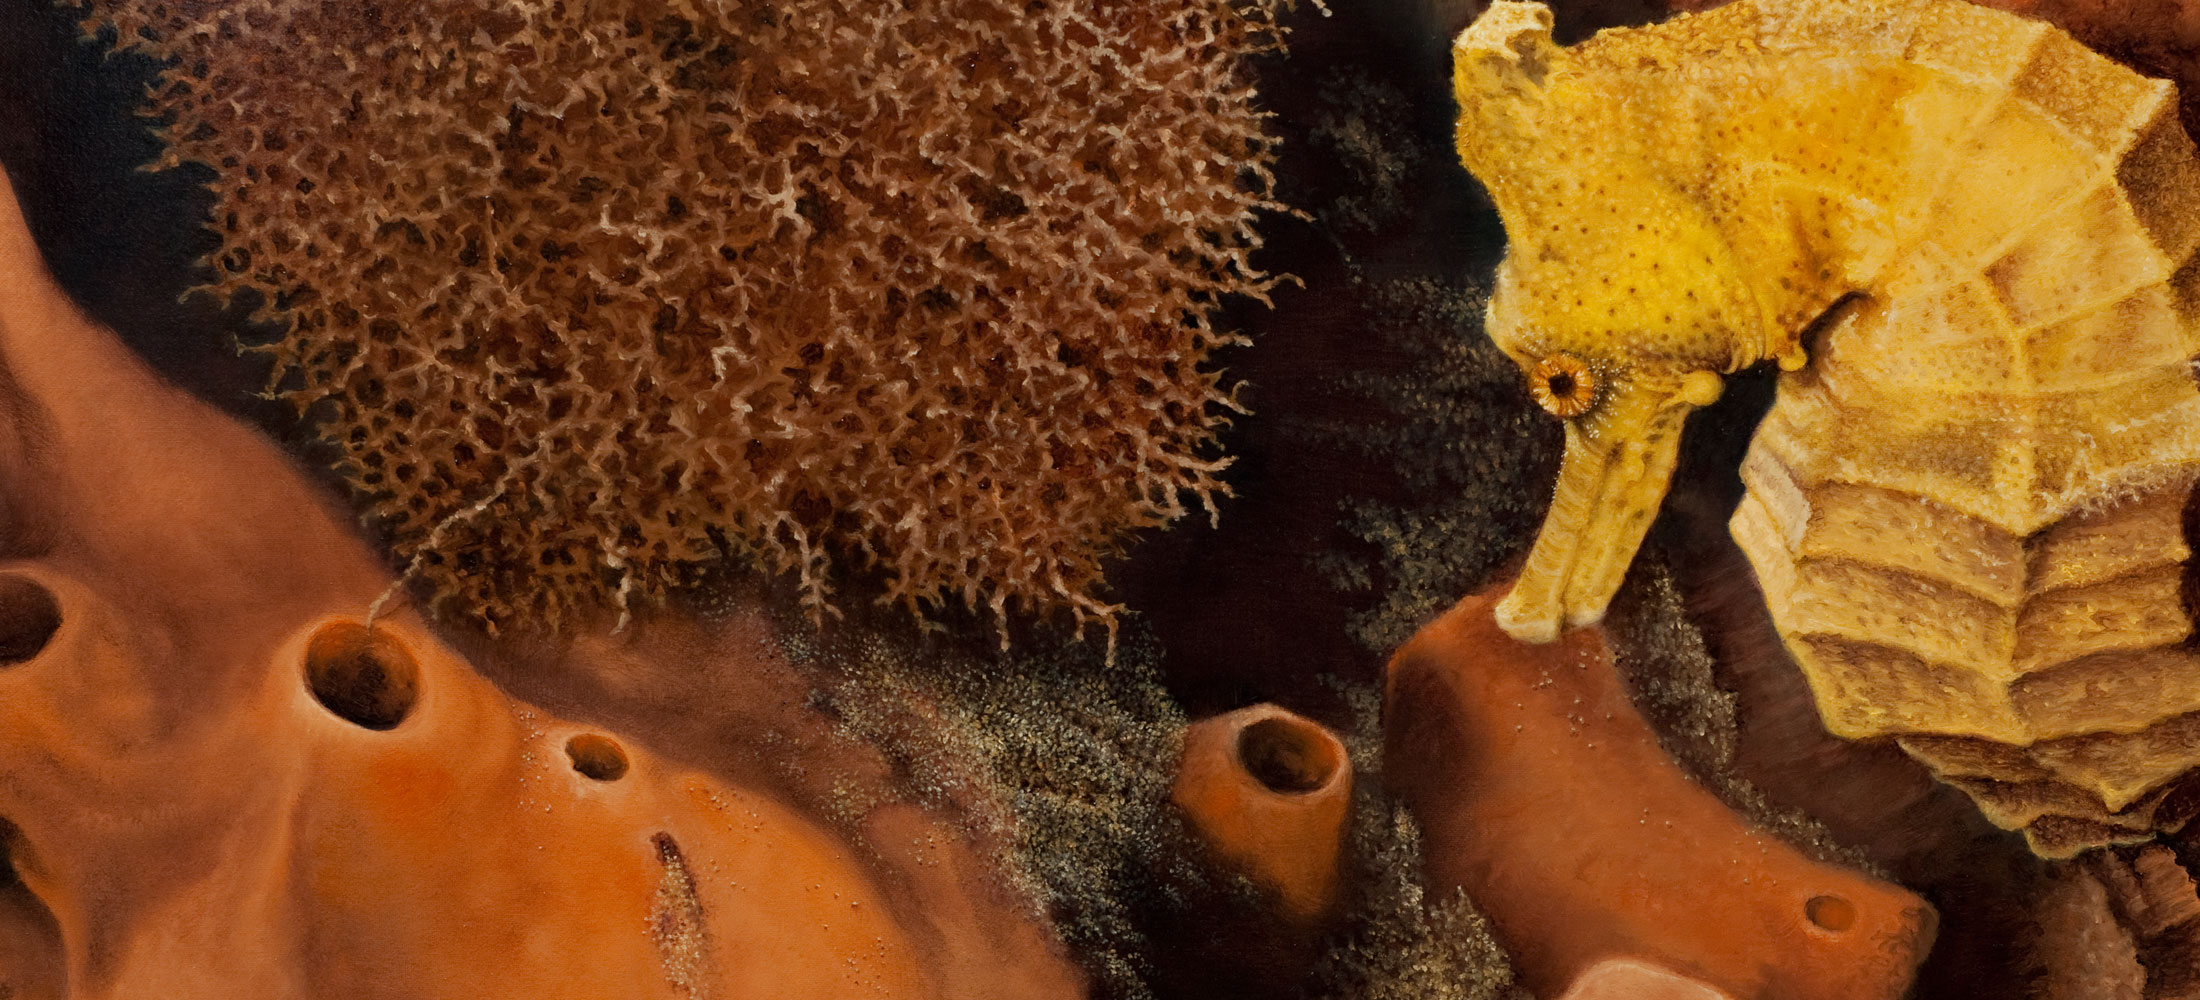 Golden Longnose Seahorse